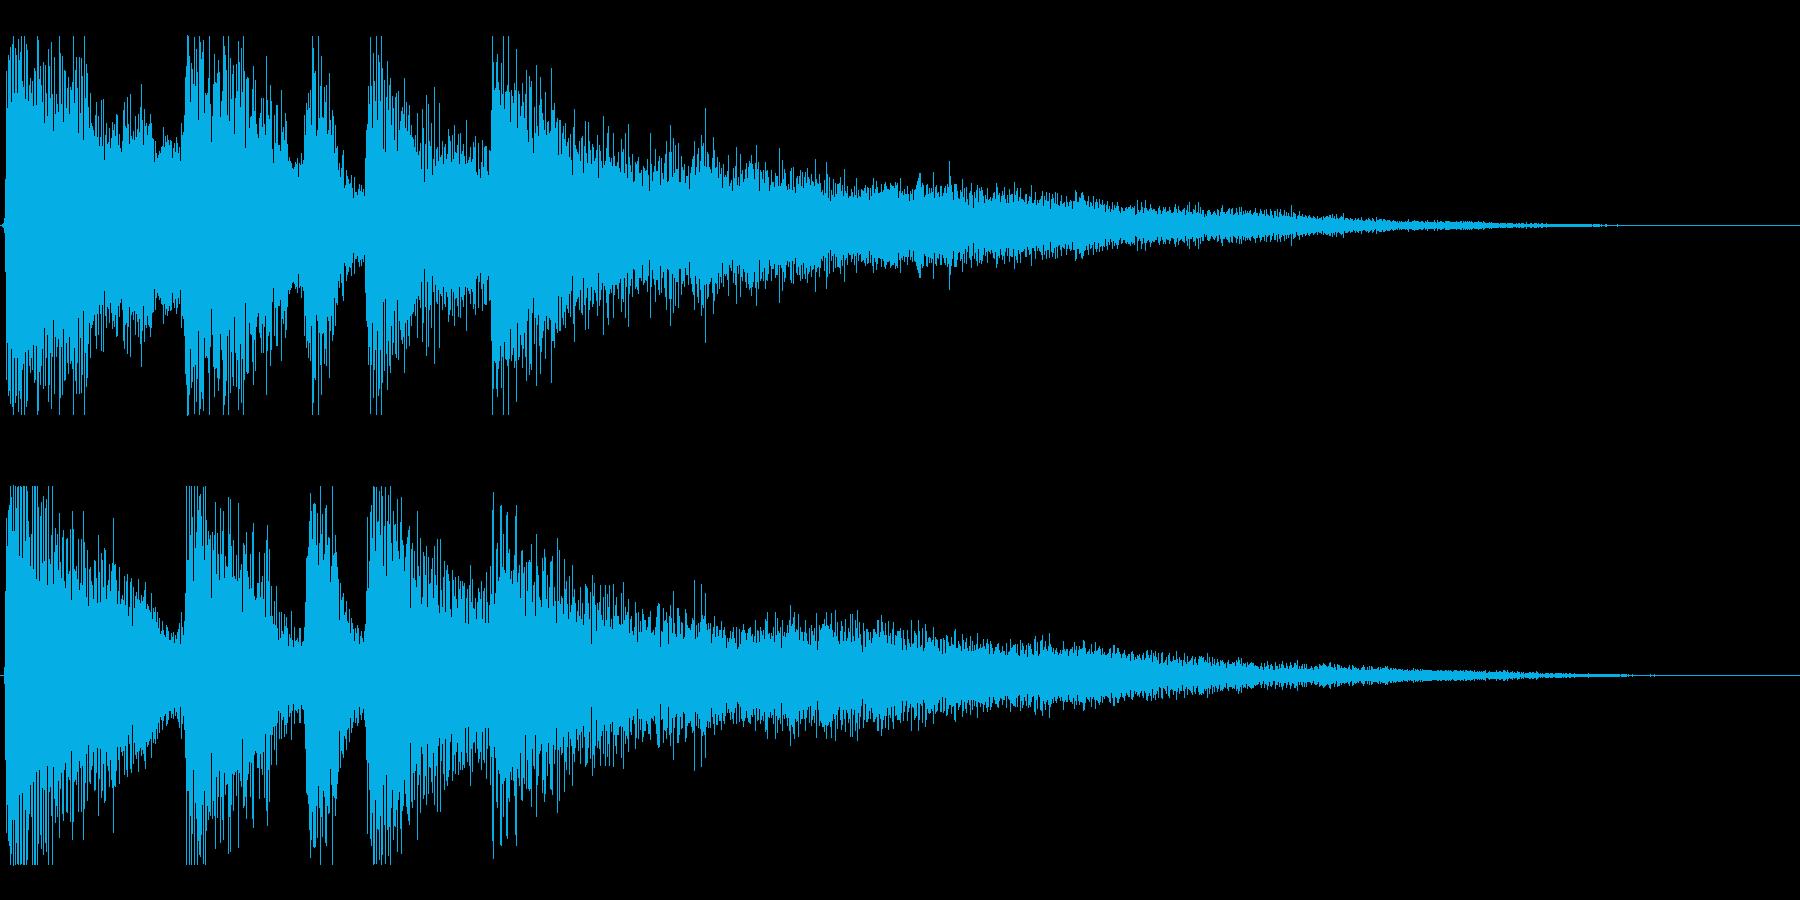 【日曜のラジオ2】の再生済みの波形